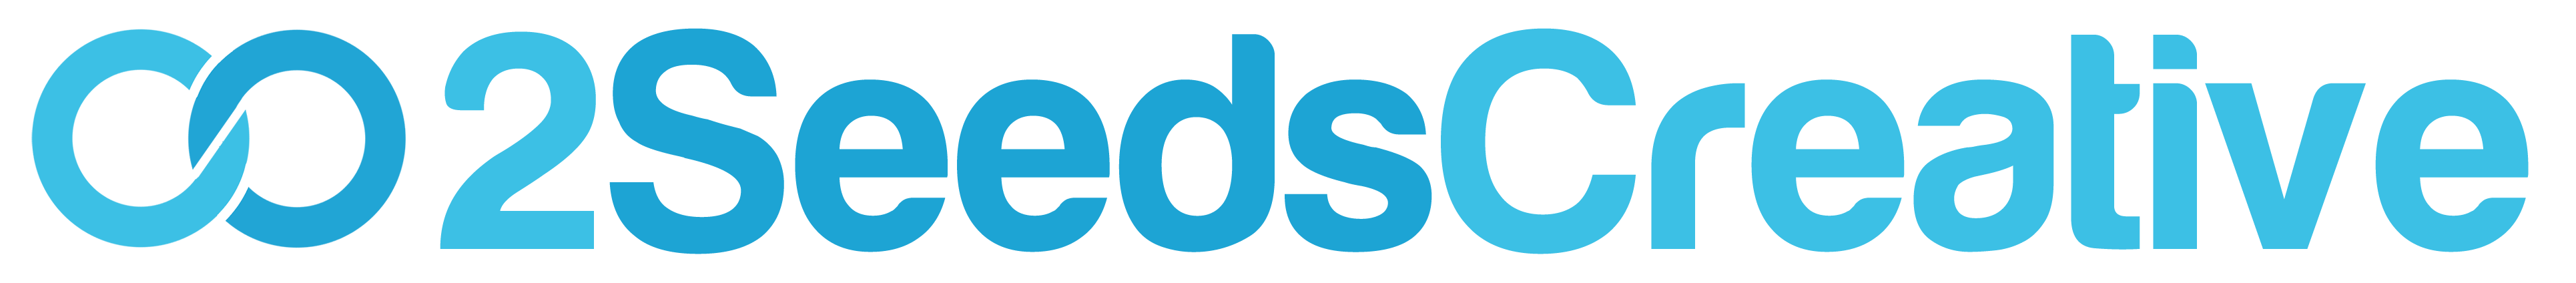 2SeedsCreative Software Development